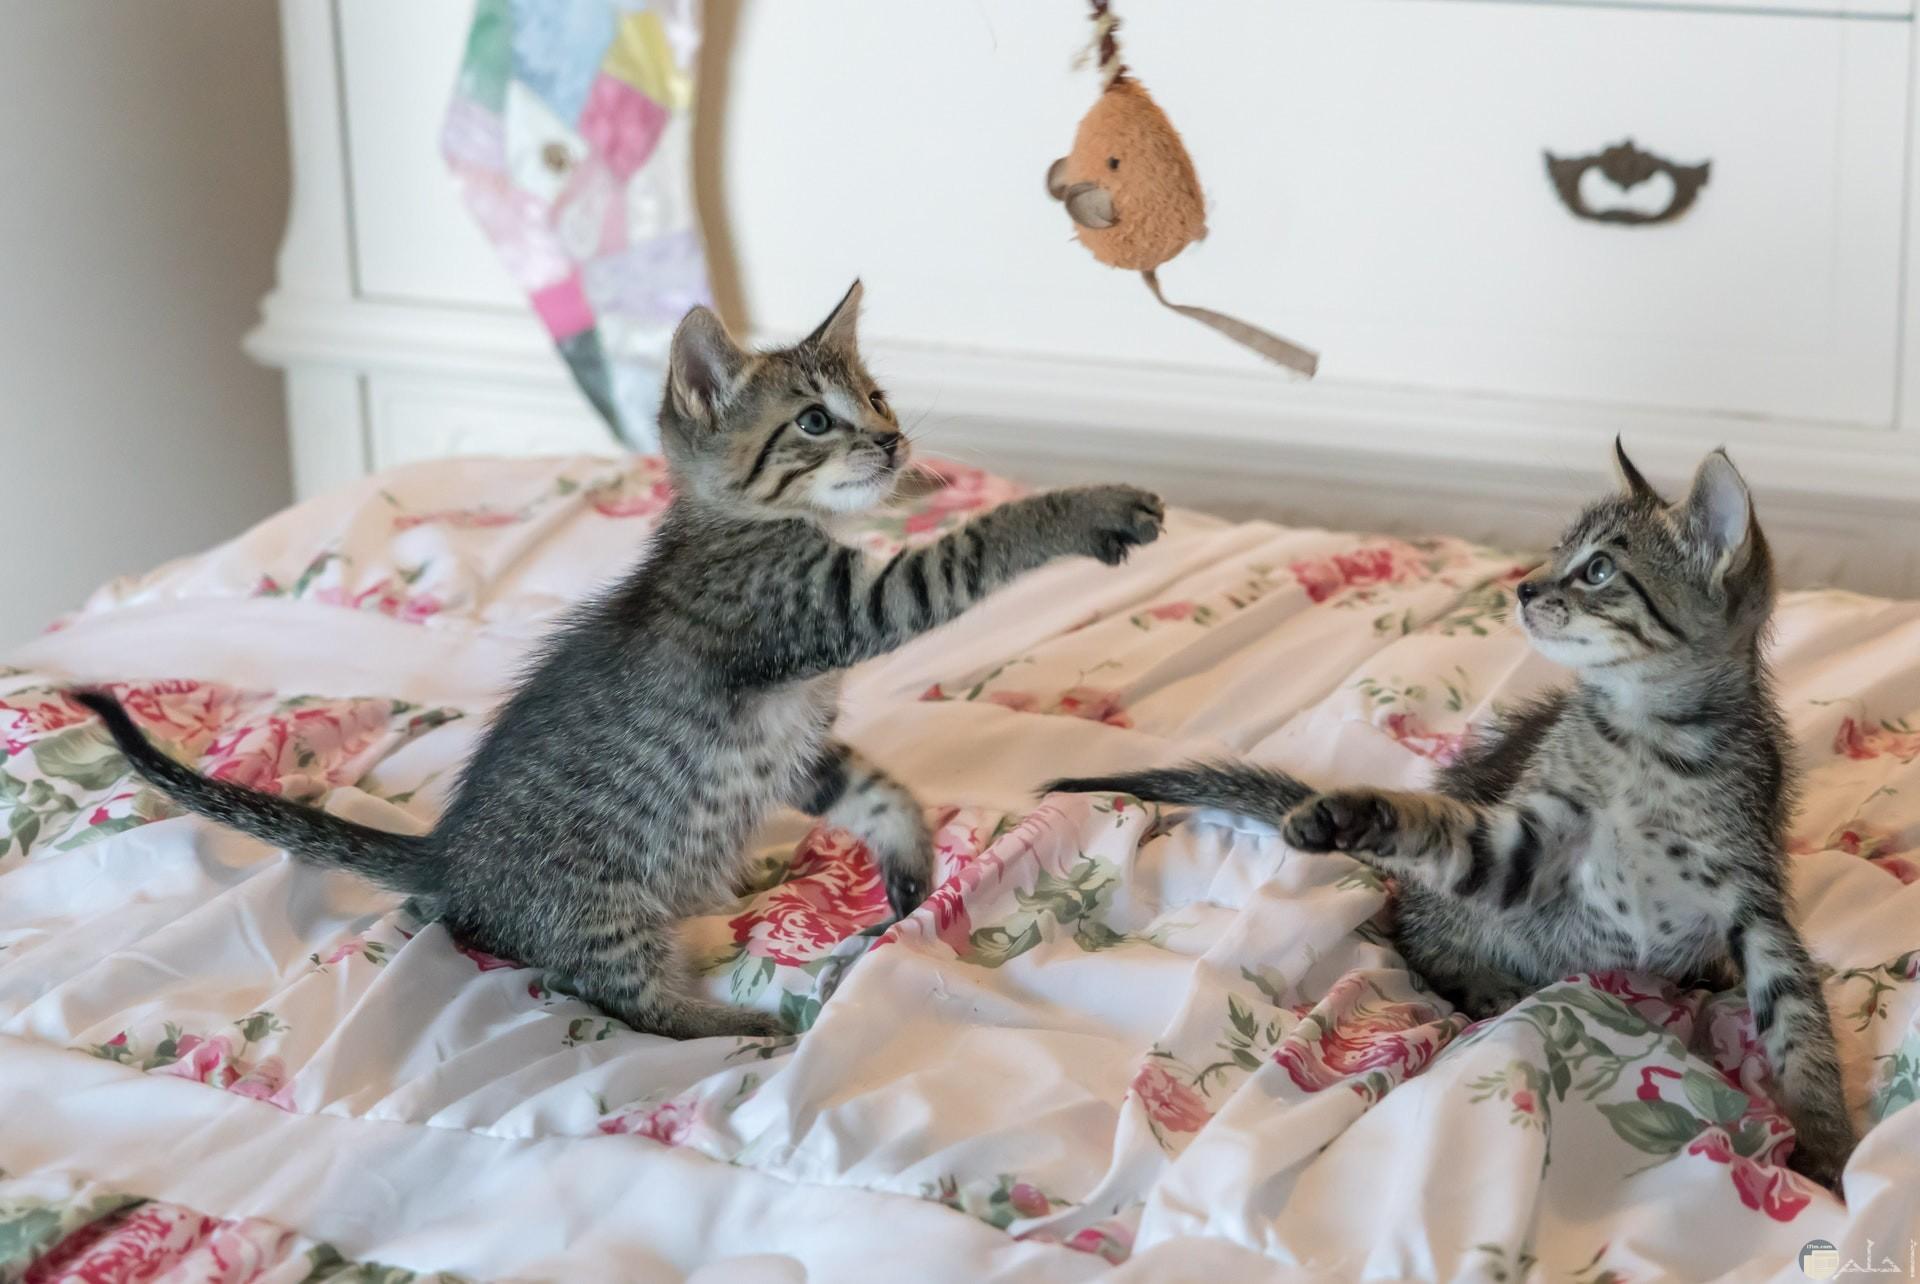 صورة مميزة وحلوة لقطتين تلعبان علي السرير سوياً